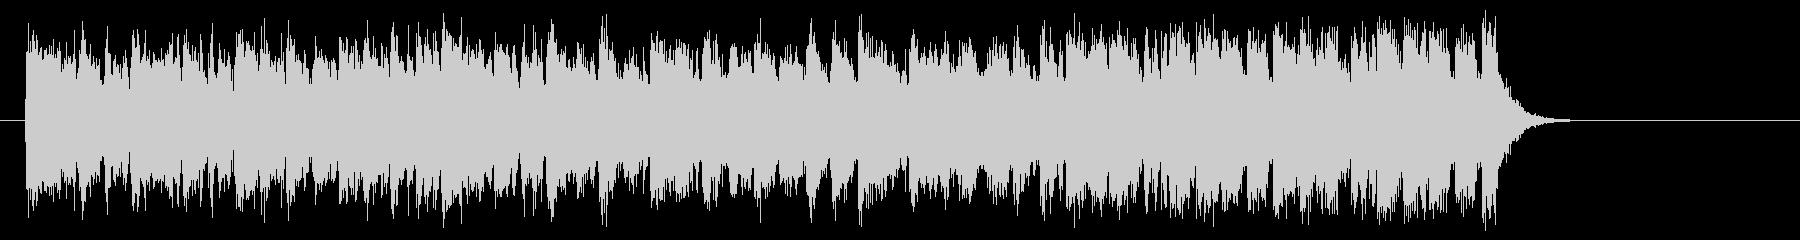 勇者のオーケストラ風音楽(サビ~エンド)の未再生の波形